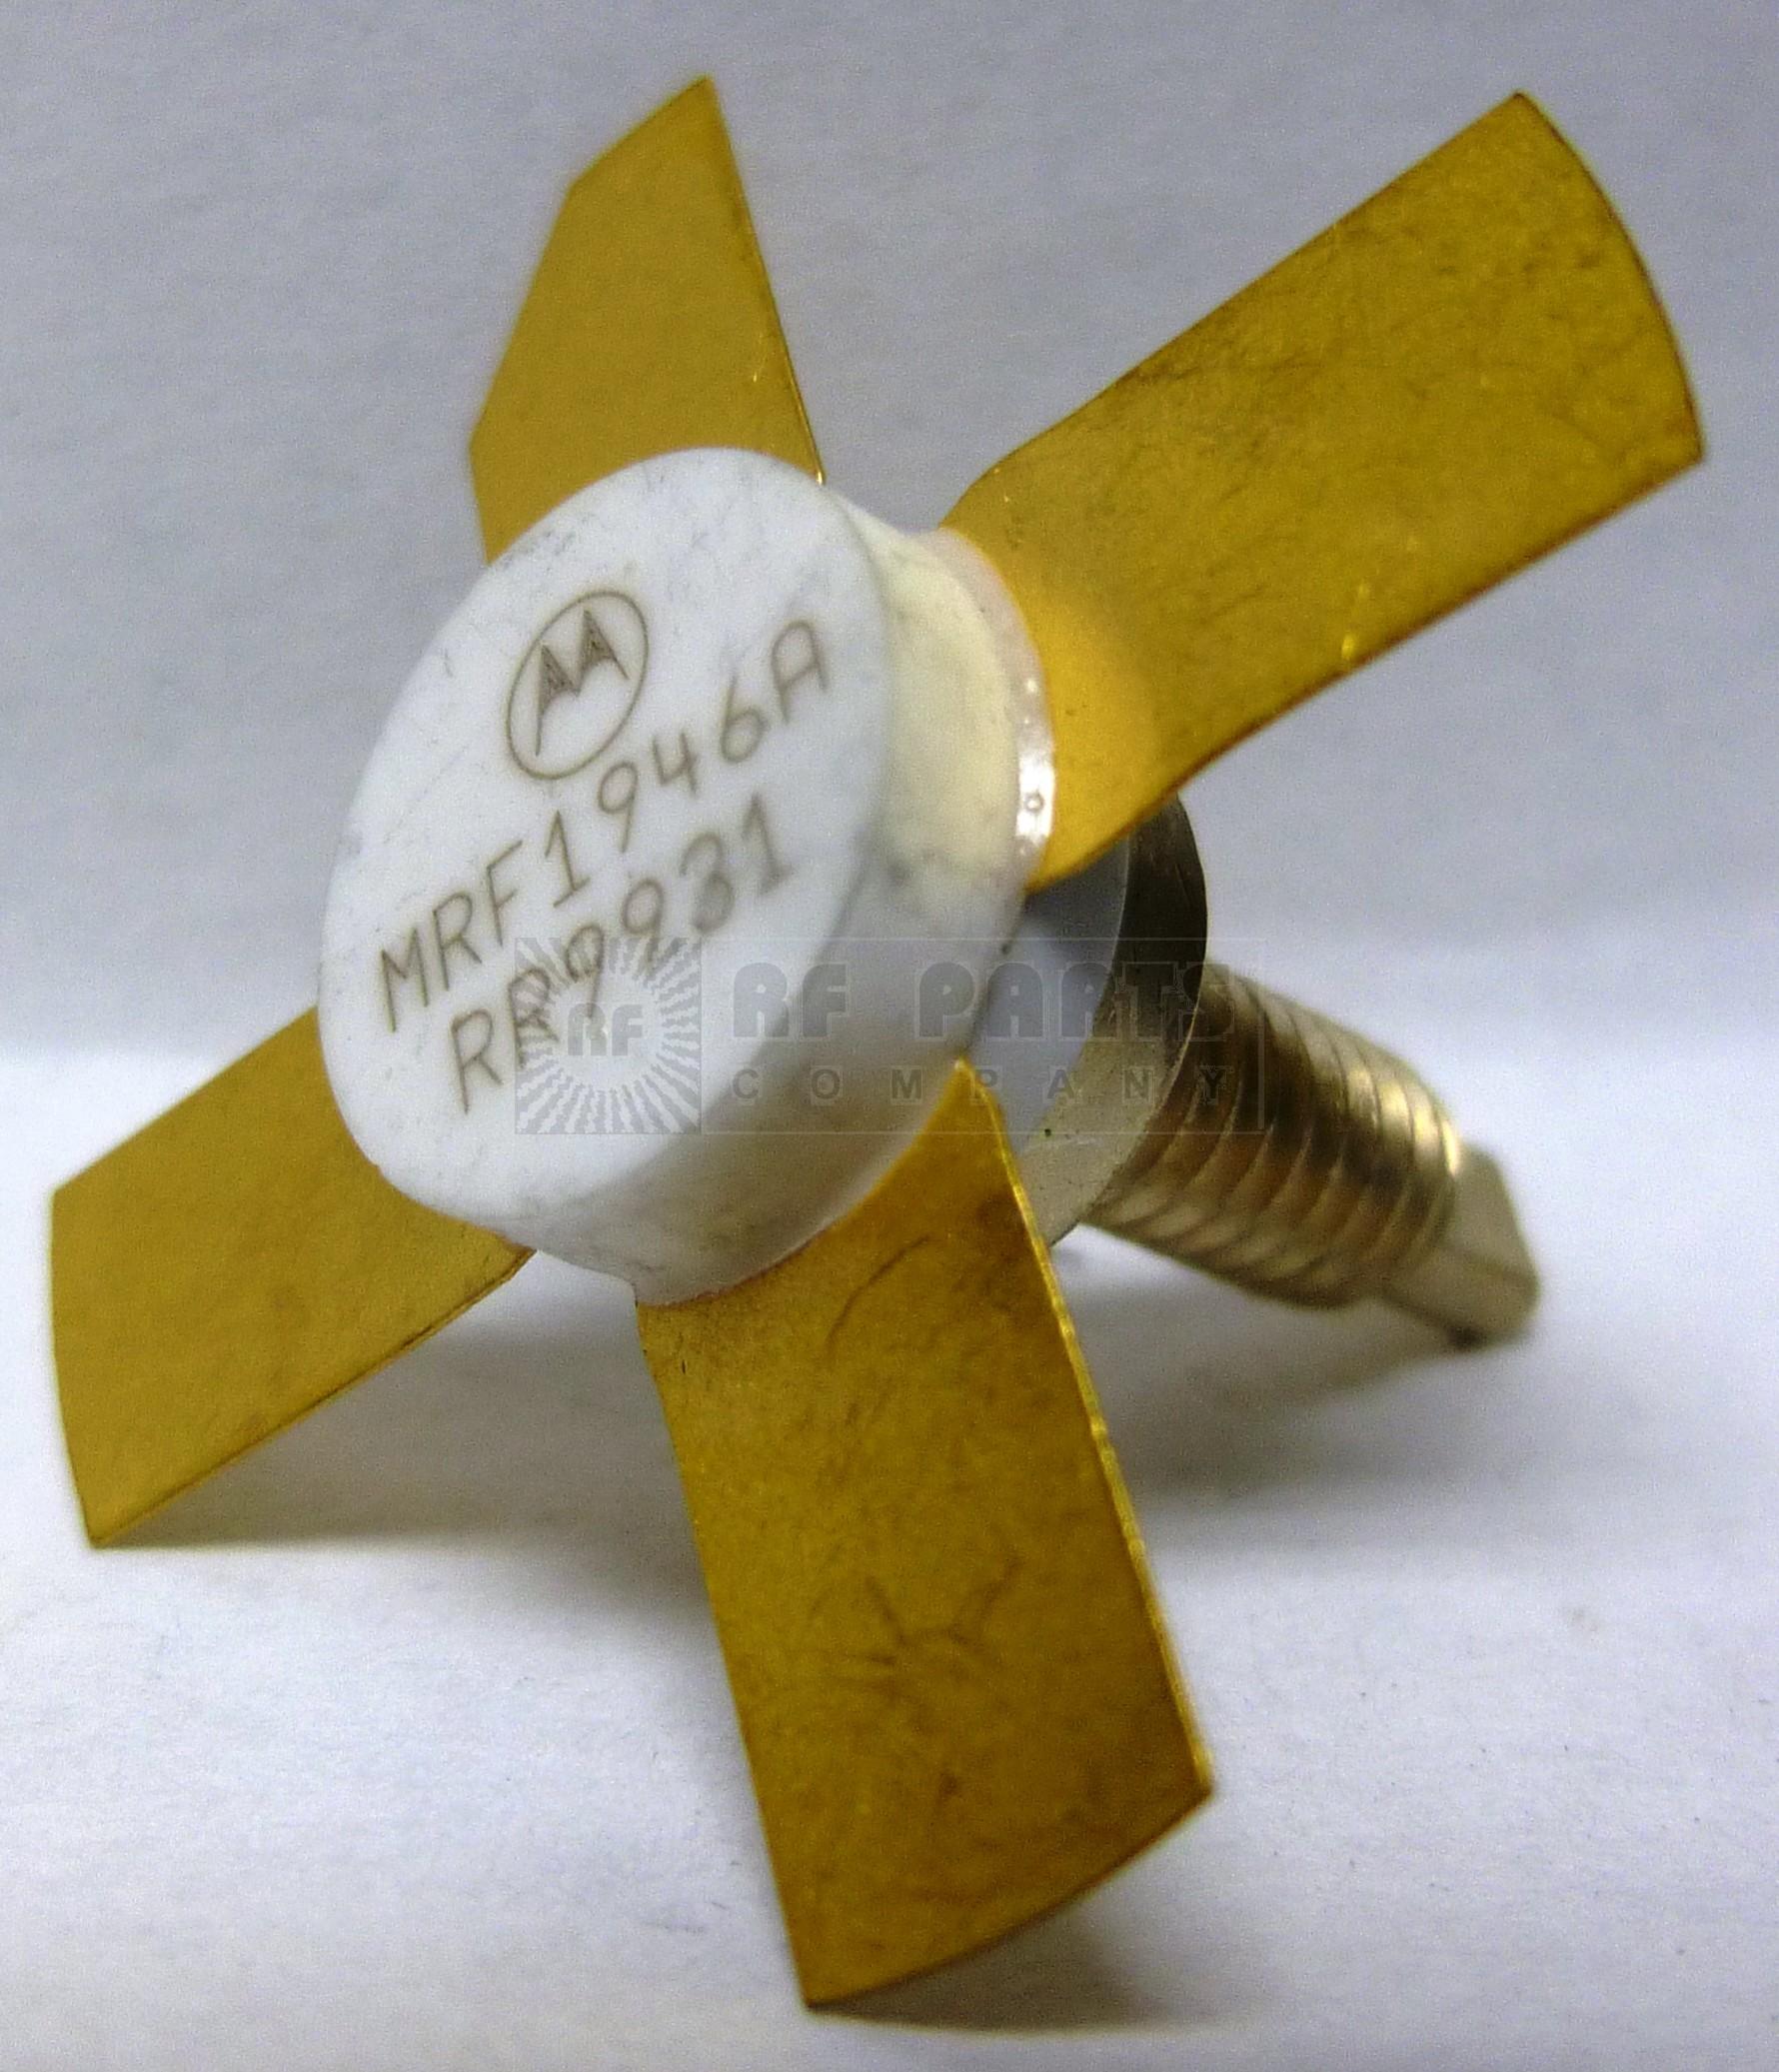 MRF1946A Transistor, Motorola Transistor, 12 volt stud mt